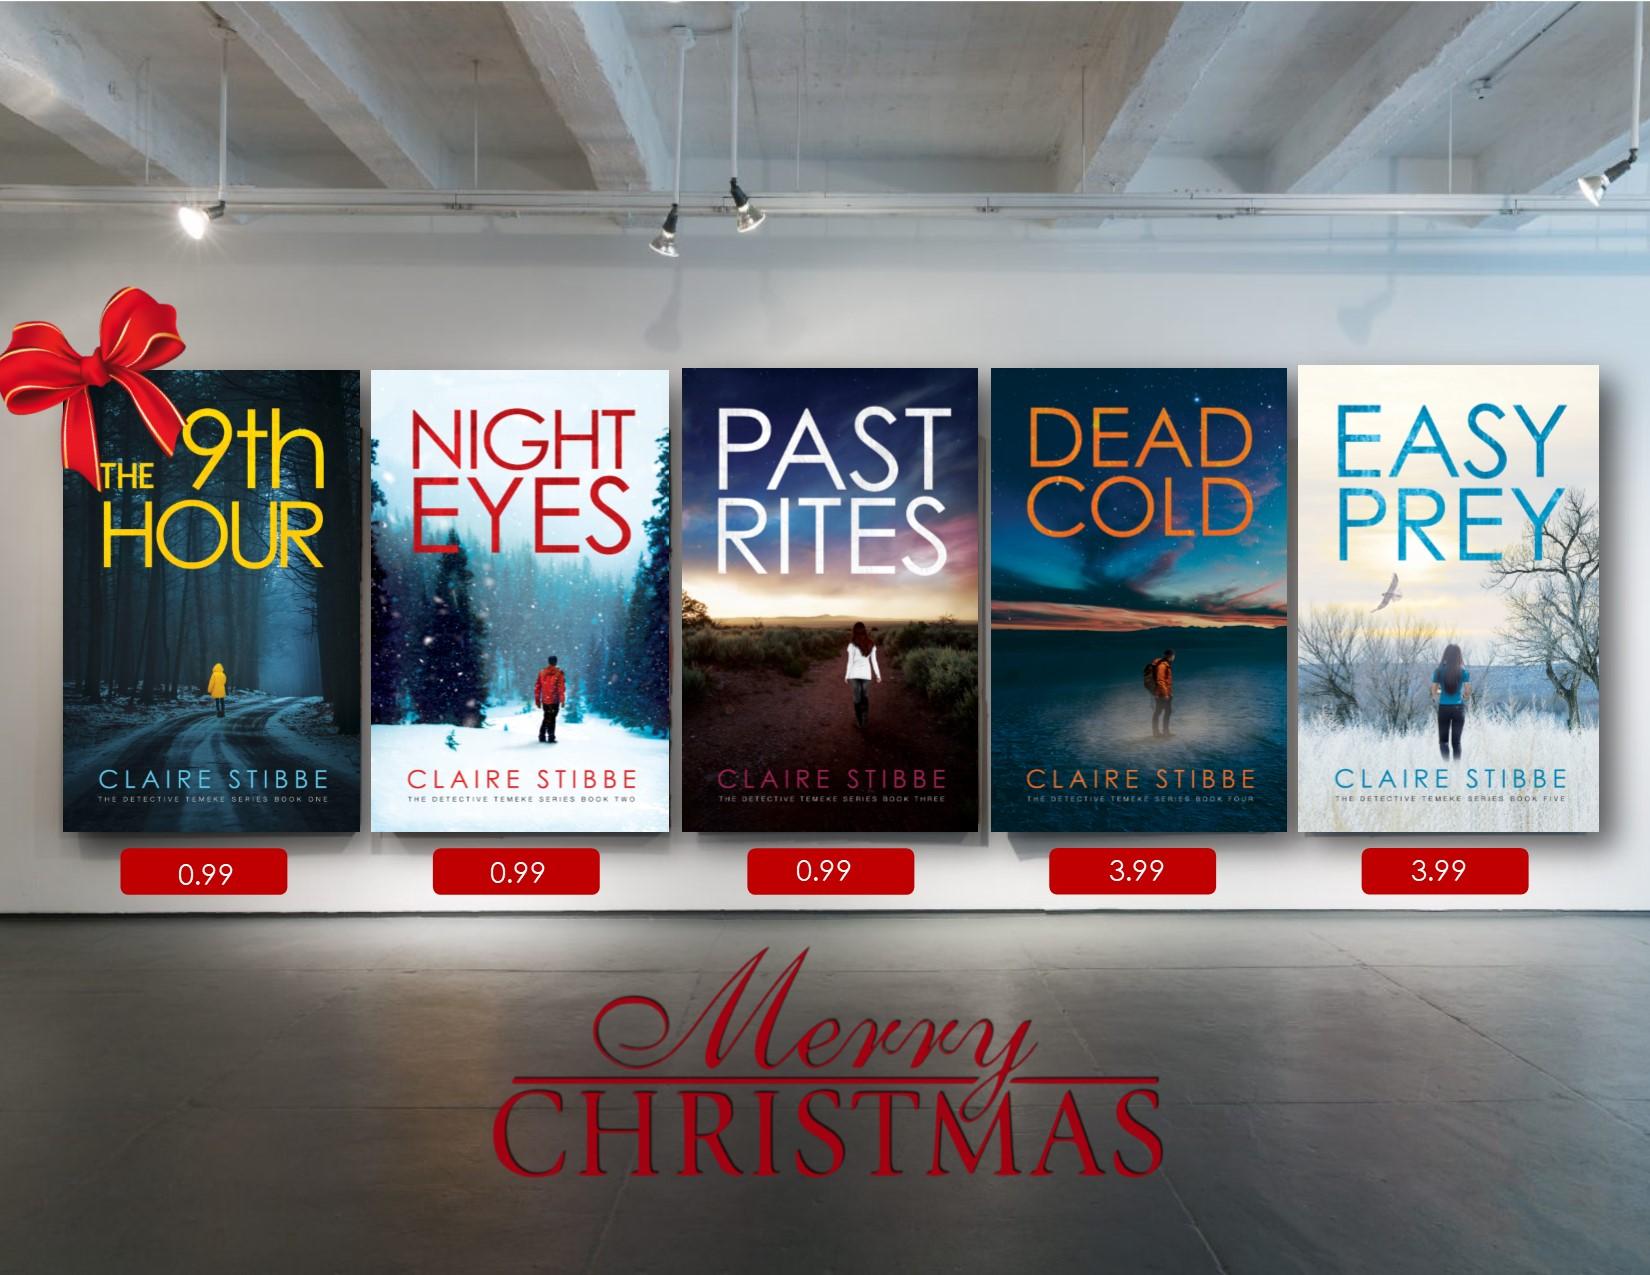 Famous Five Christmas sale